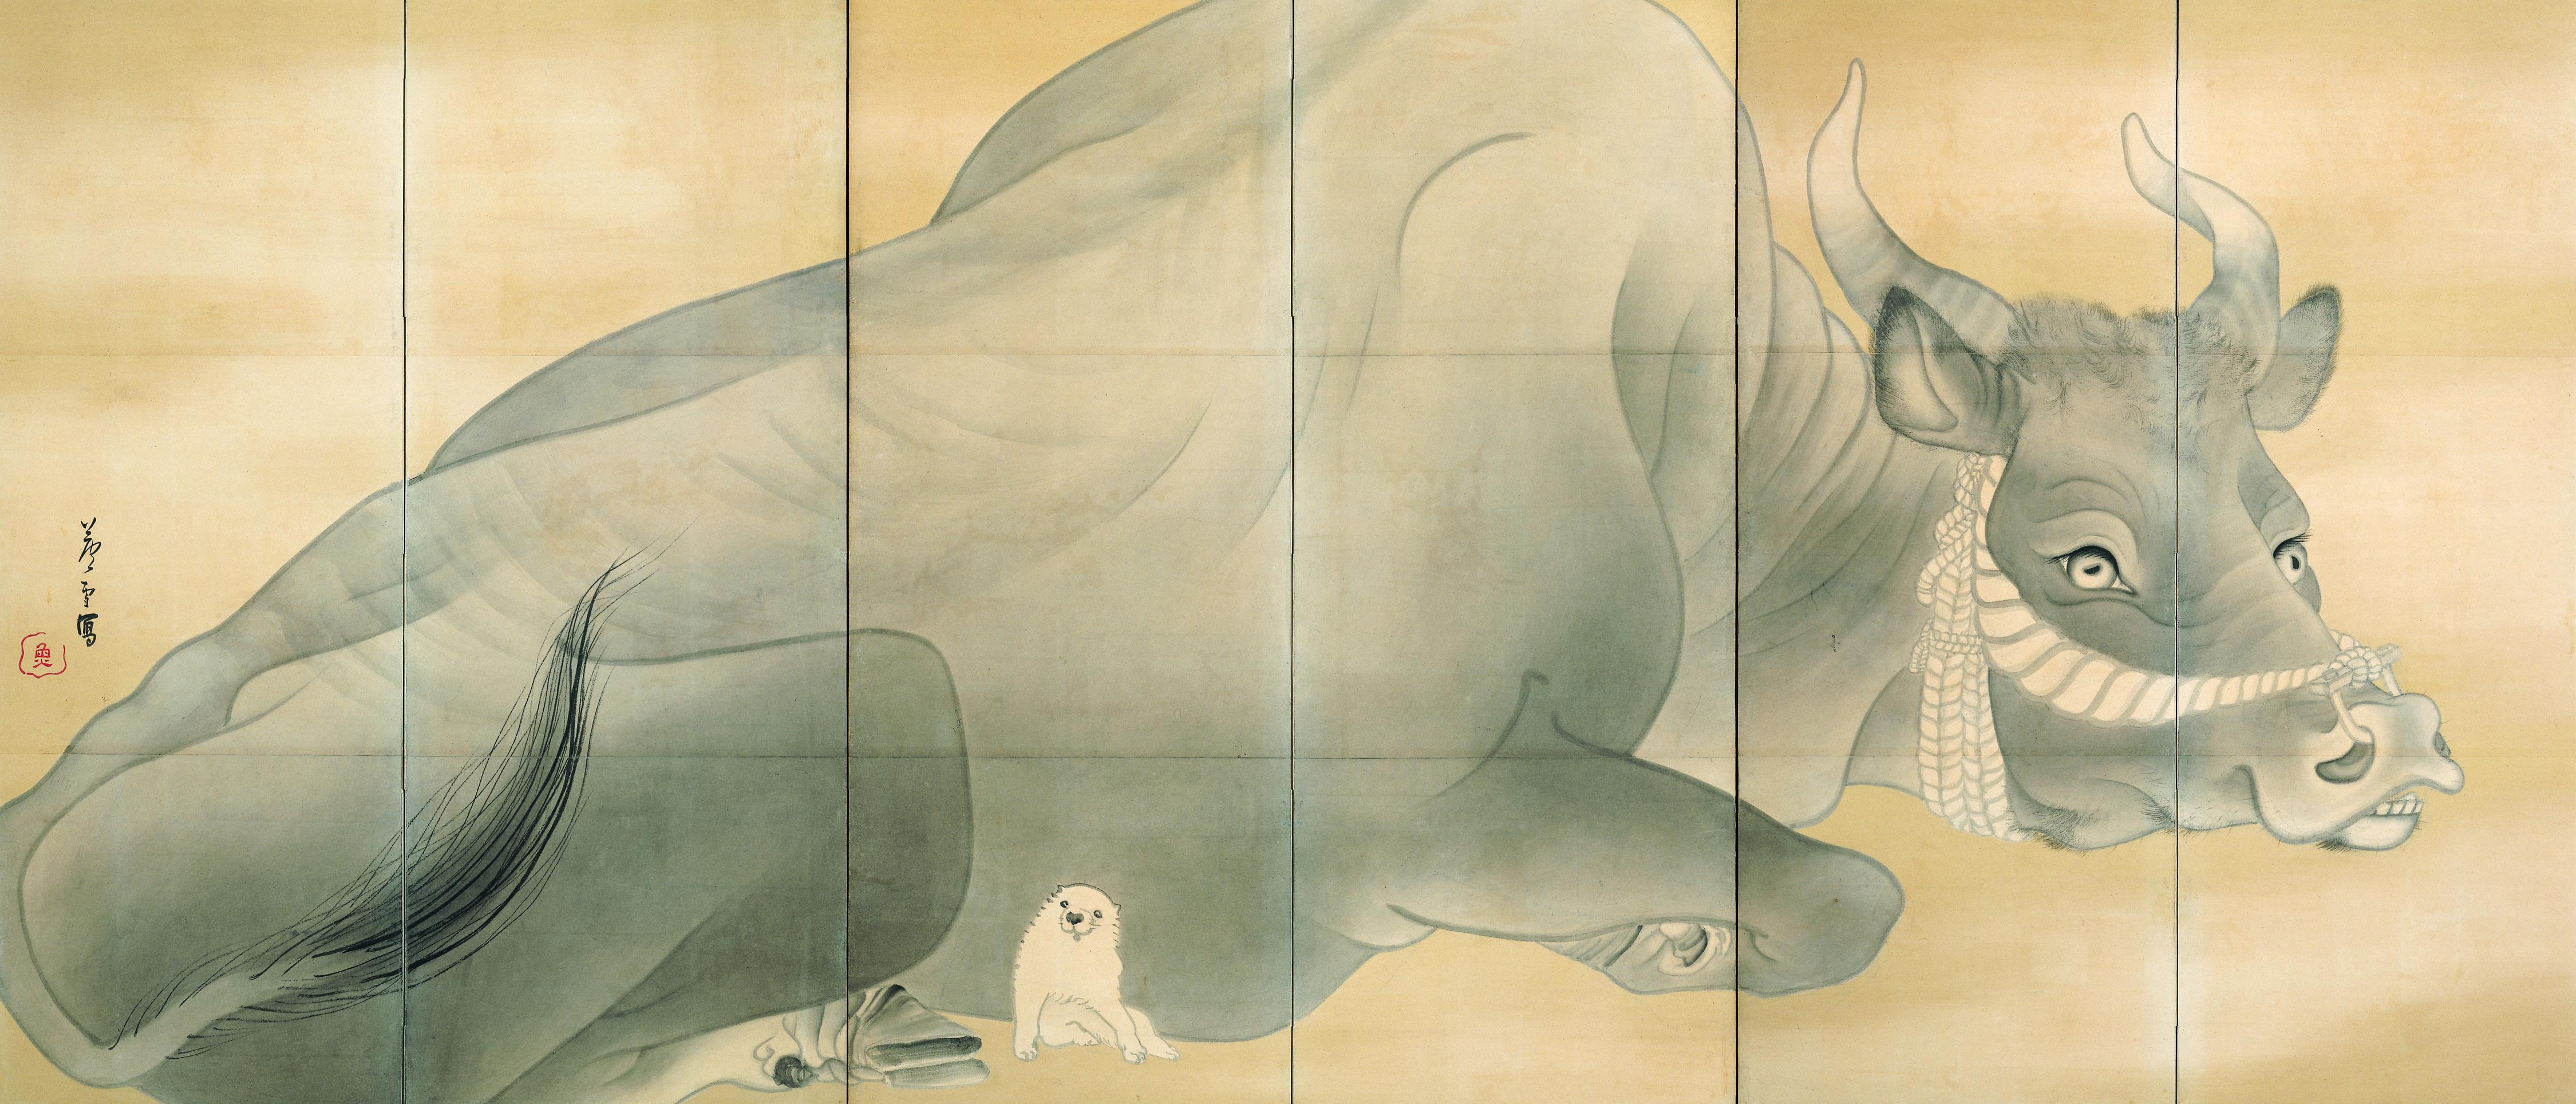 長沢芦雪 《白象黒牛図屏風》 紙本墨画 六曲一双 各155.3×359.0 江戸時代(18世紀)  エツコ&ジョー・プライスコレクション(部分)